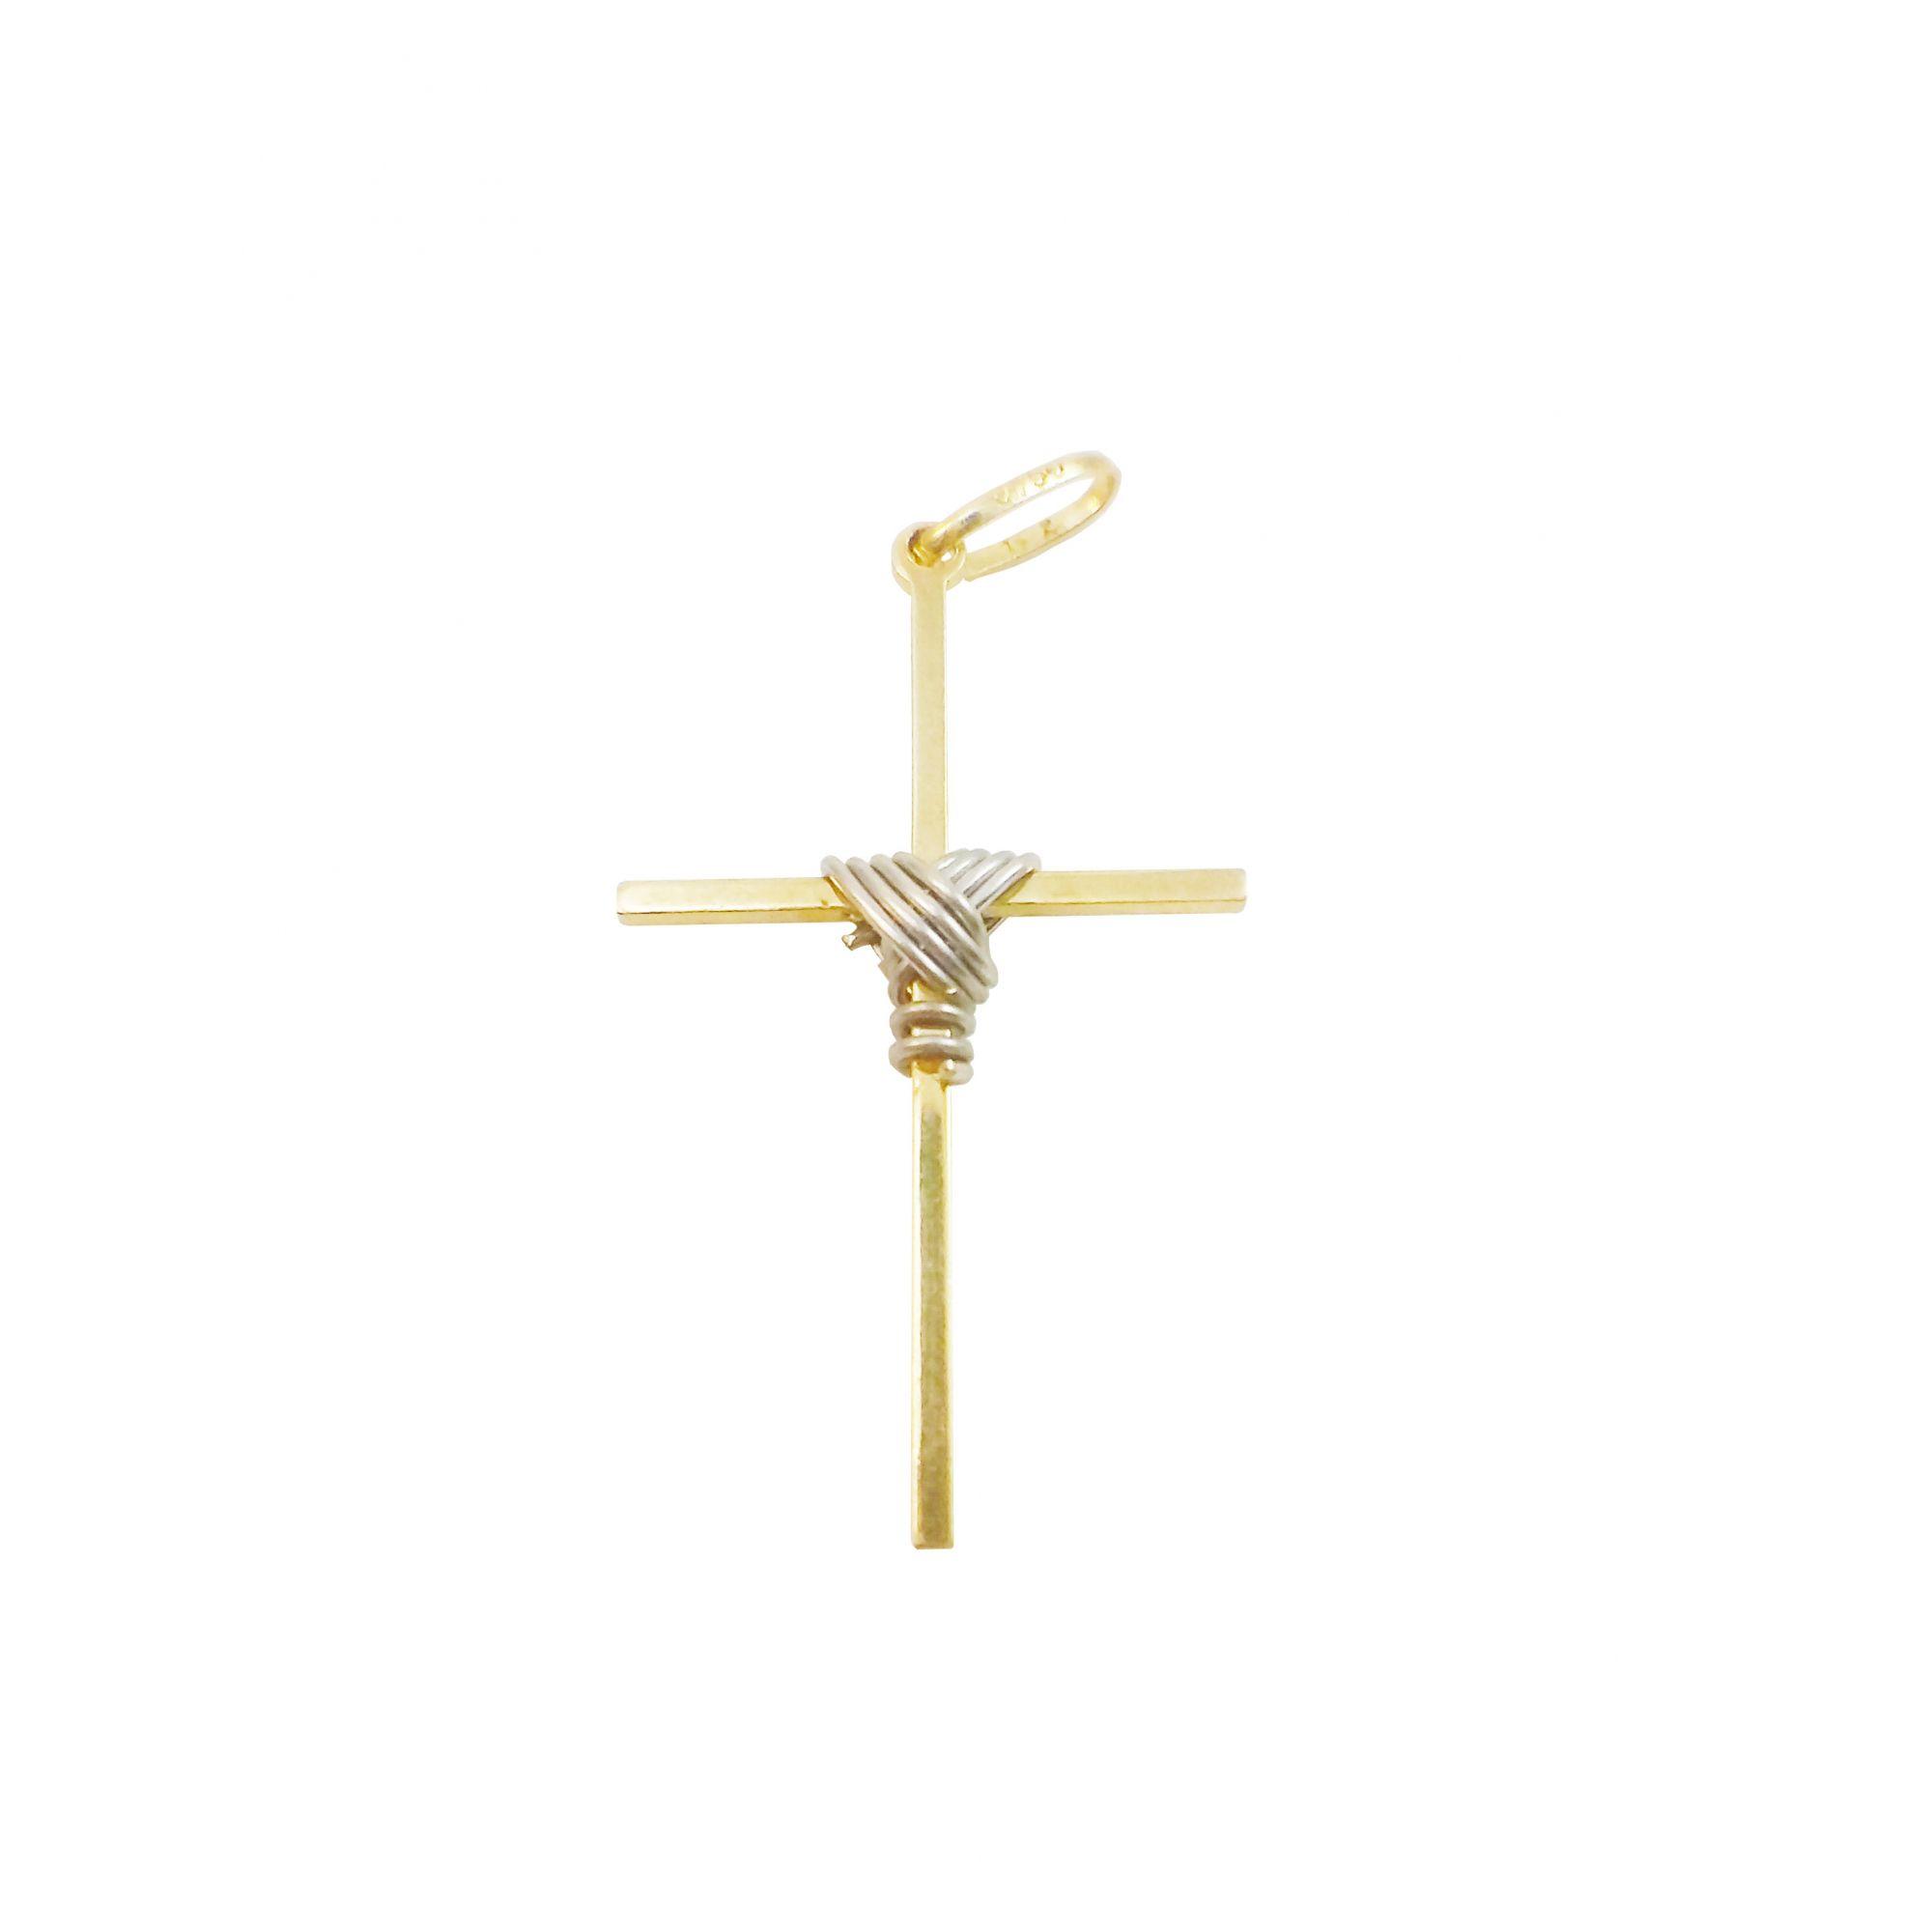 Pingente Ouro Amarelo e Branco Cruz com Nó L 4.9